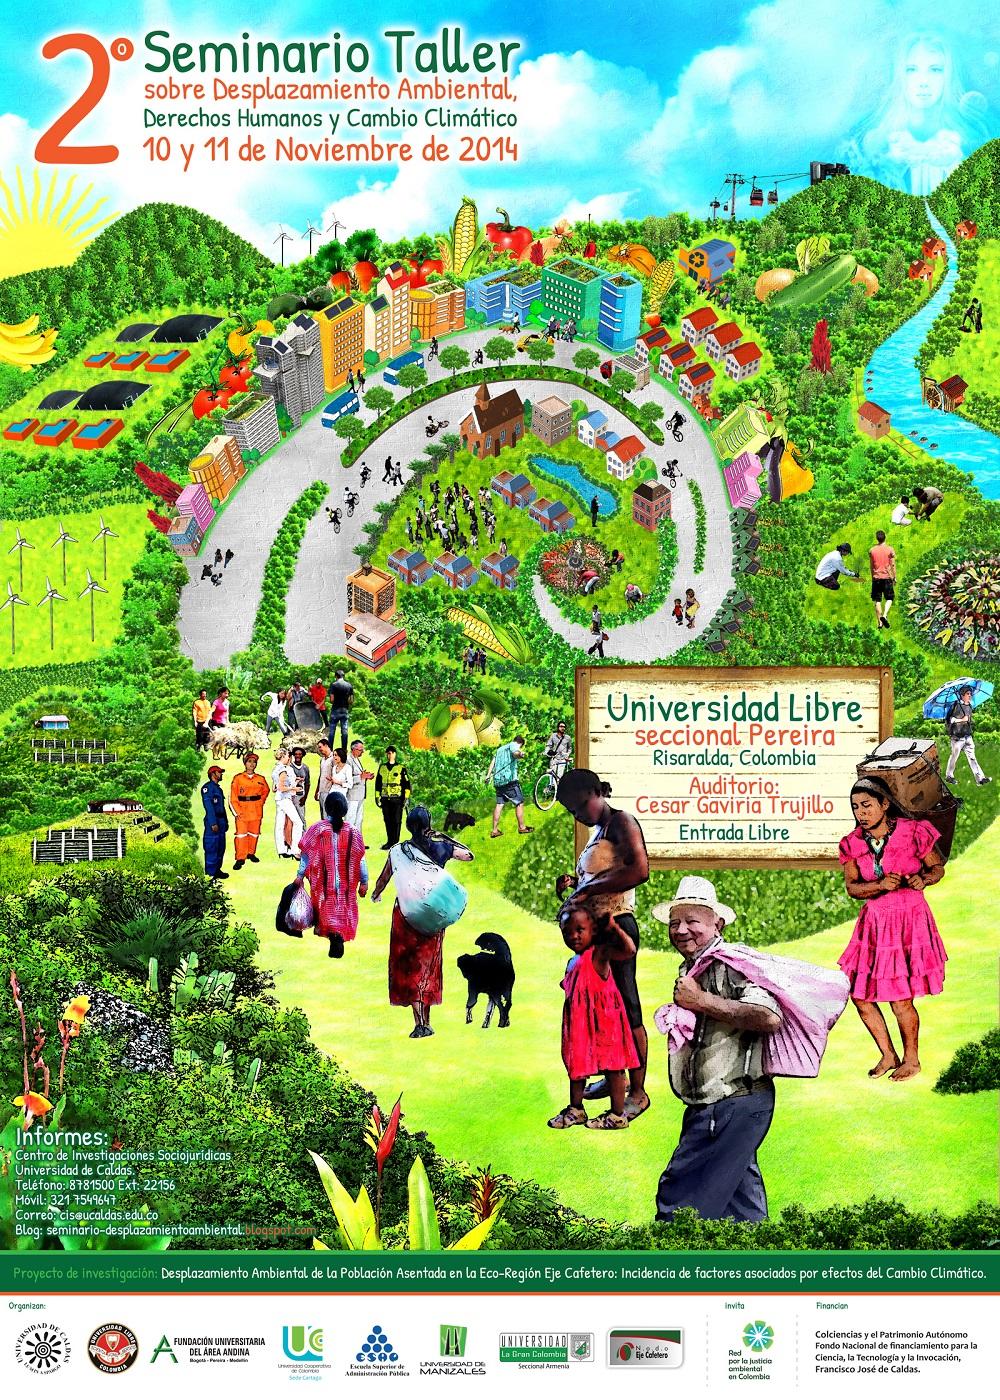 Seminario Desplazamiento Ambiental, DDHH y CC